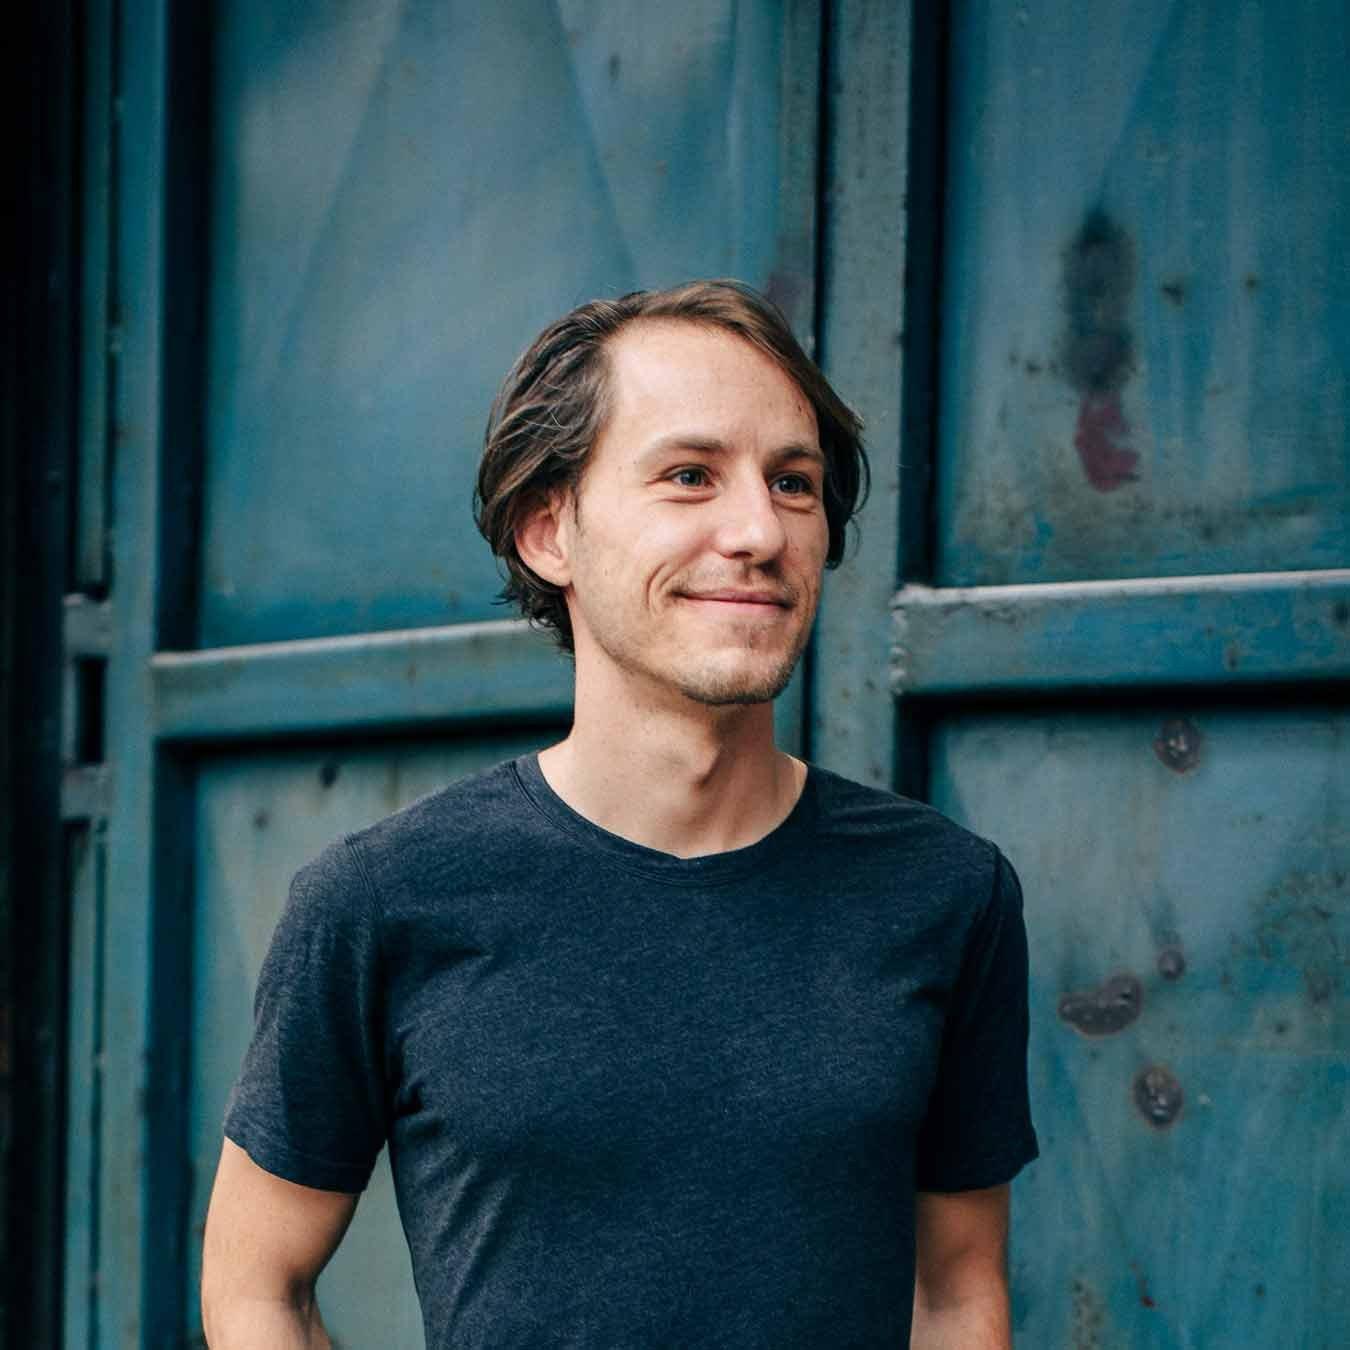 Steffen Gloth